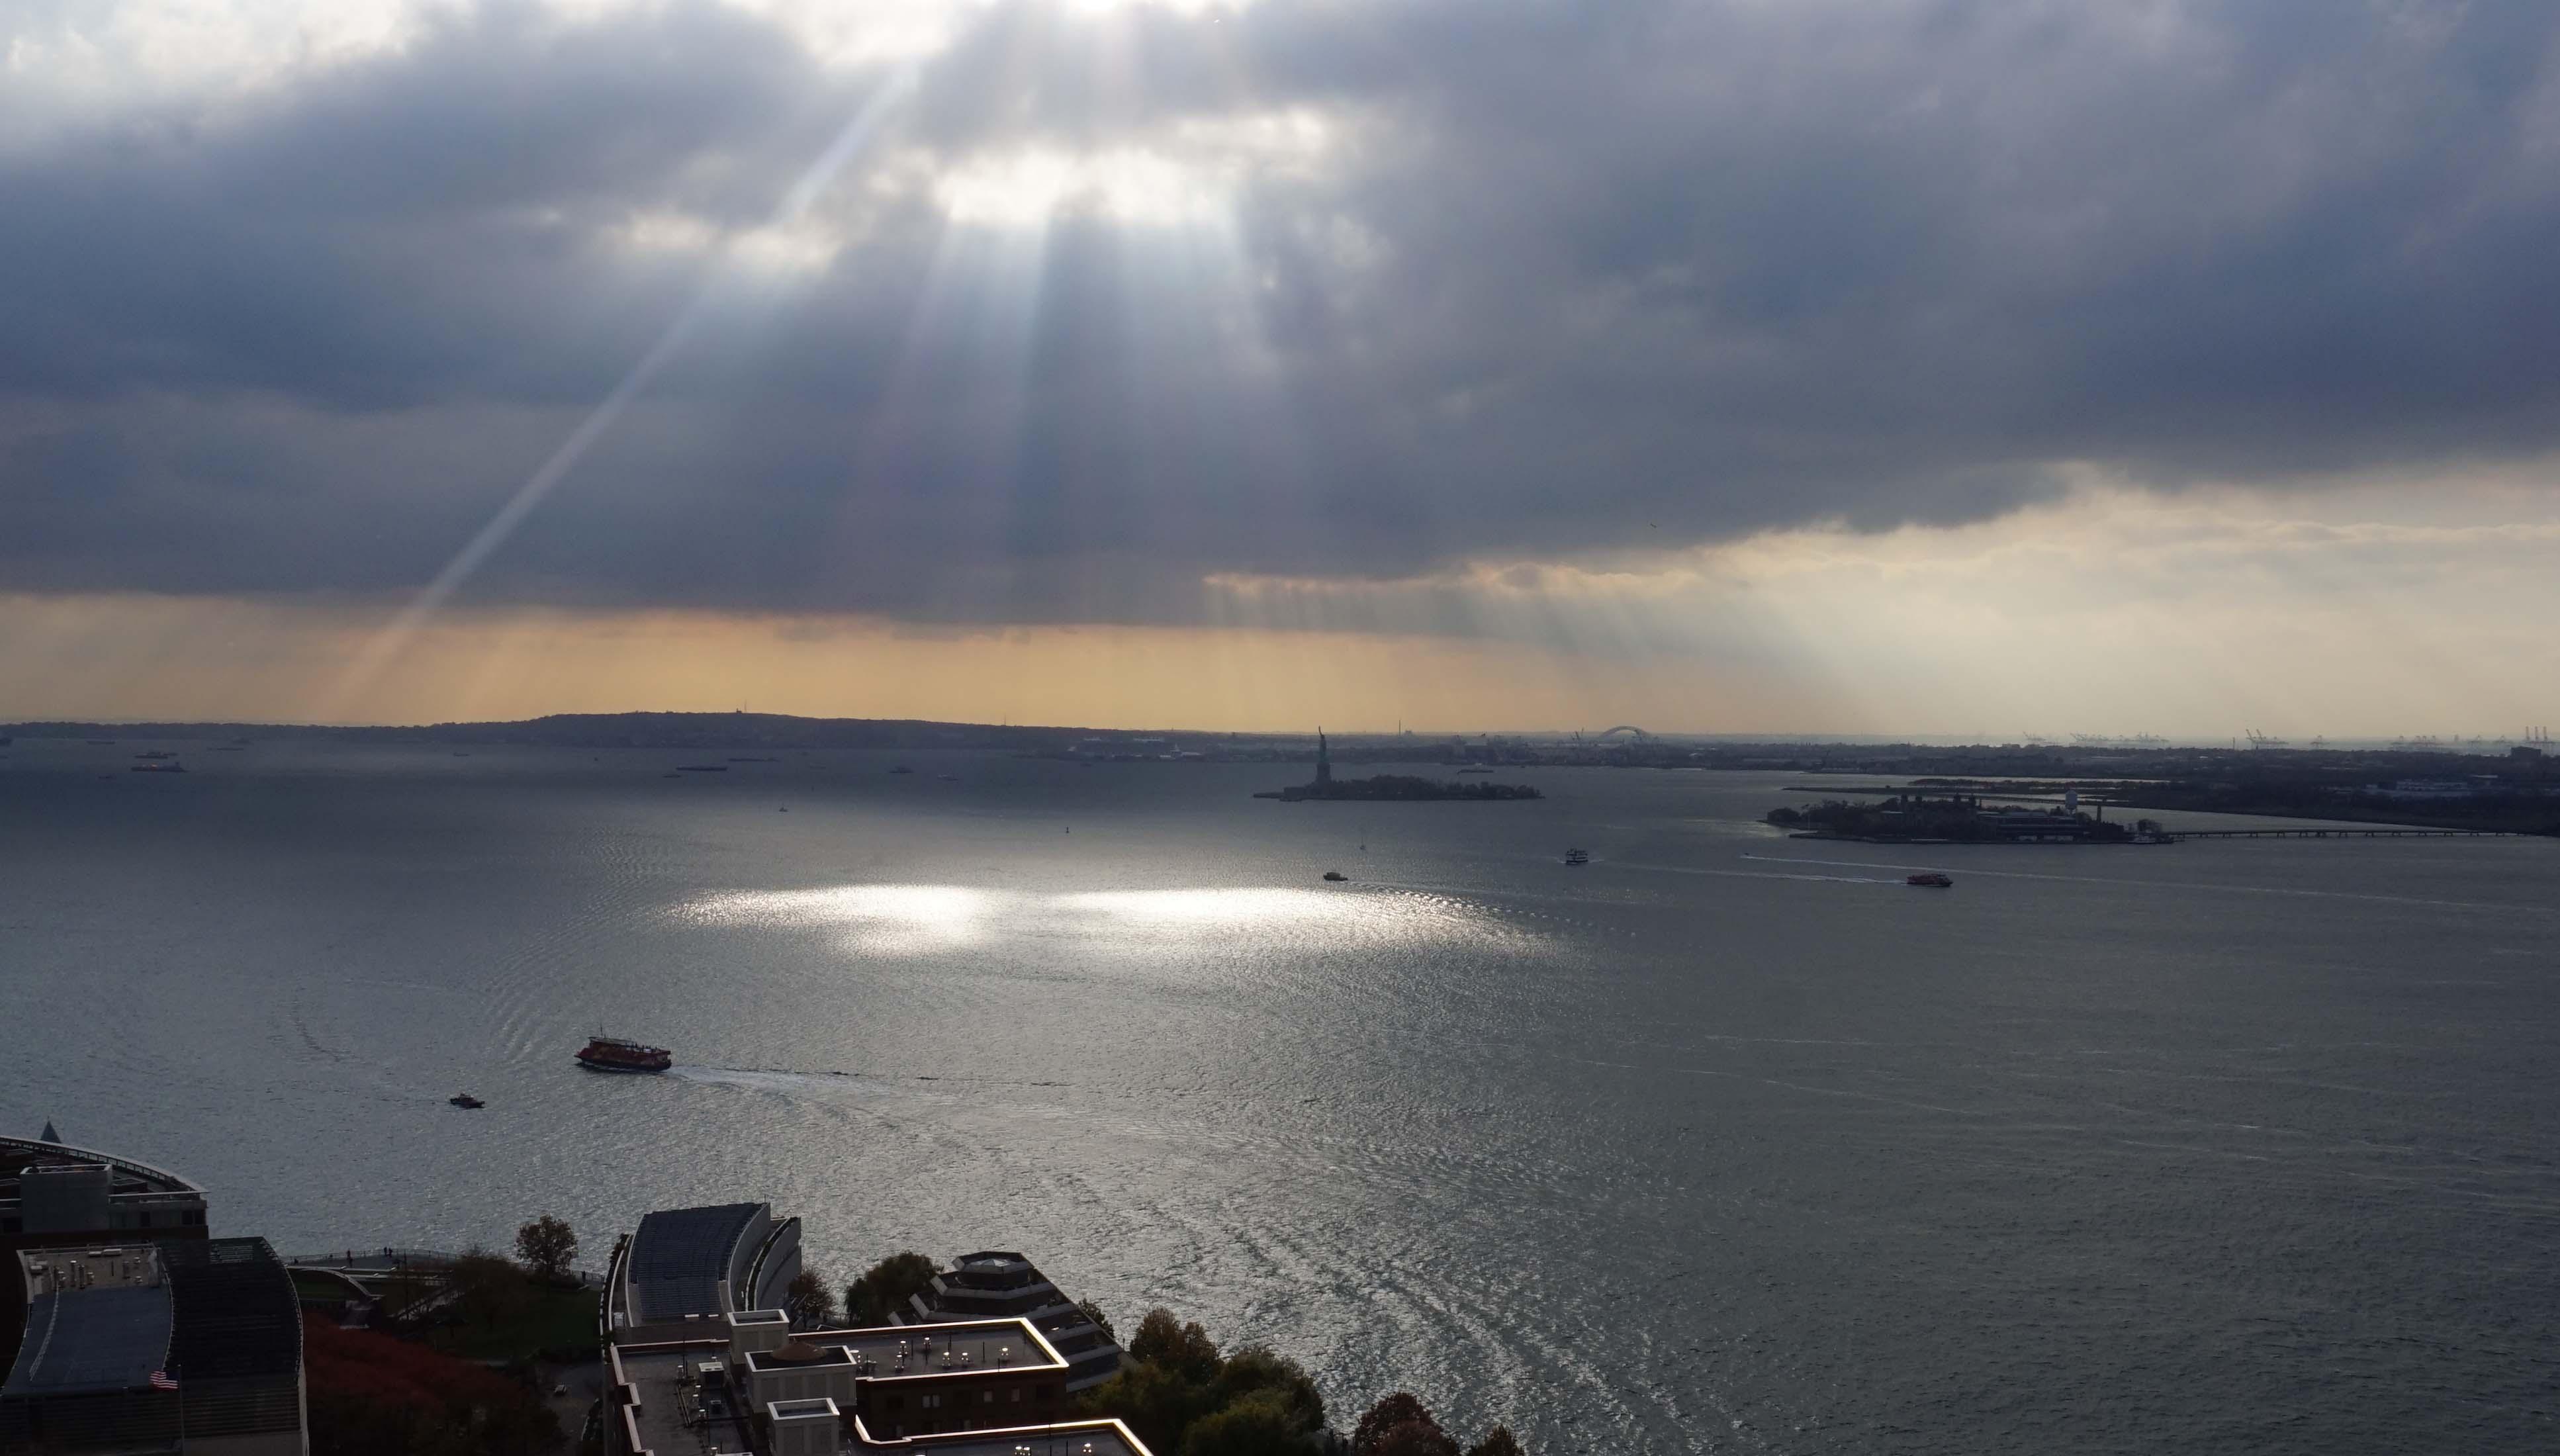 NY Harbor sunburst